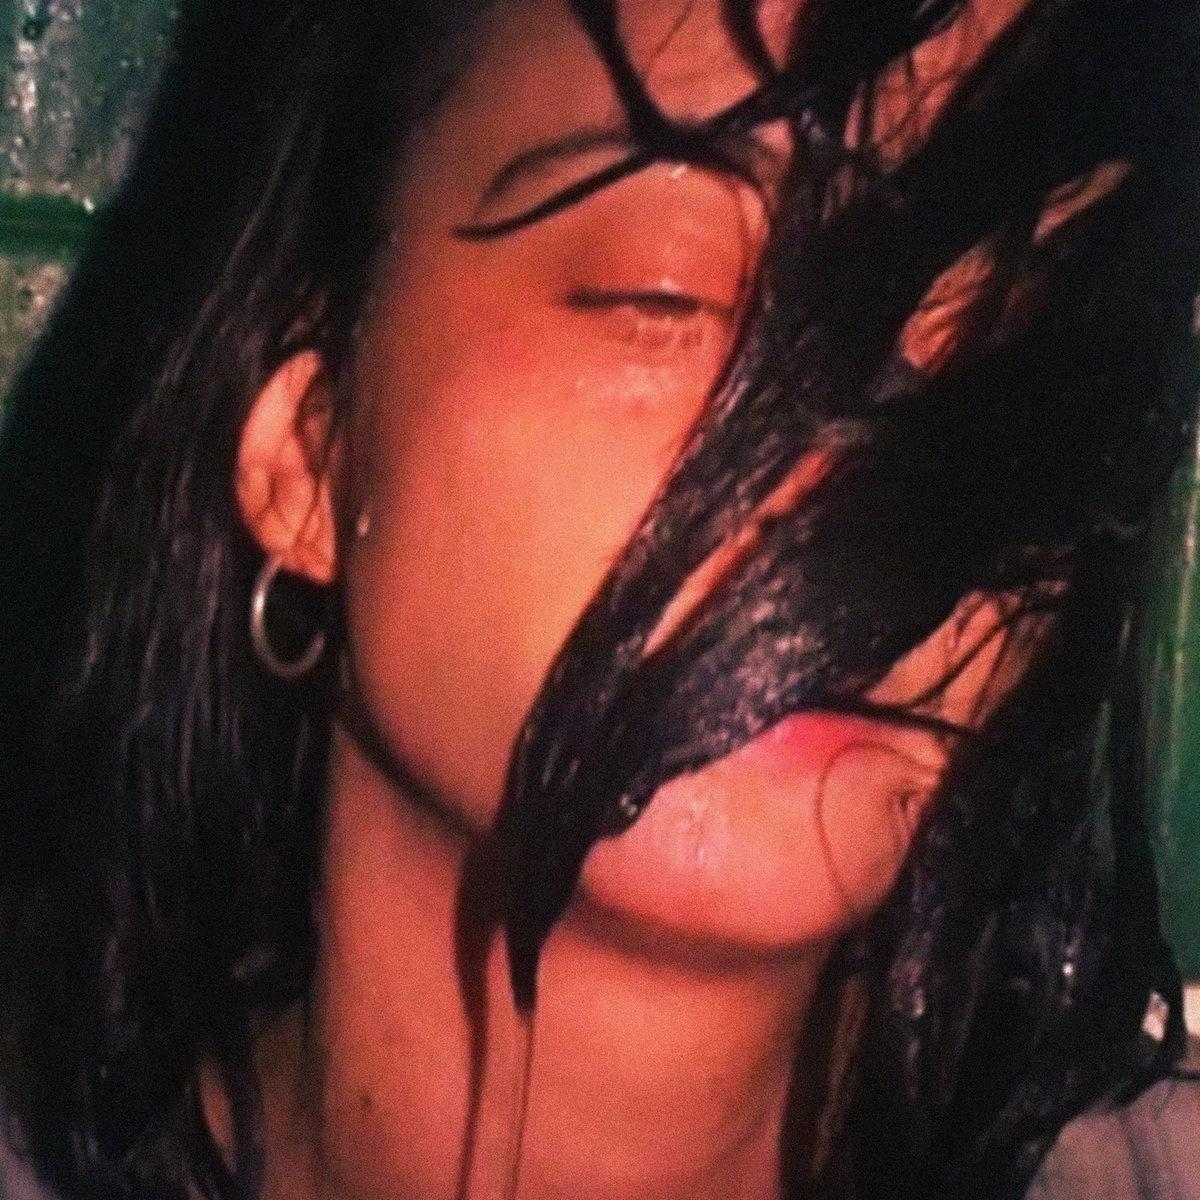 portada del album Ondeando